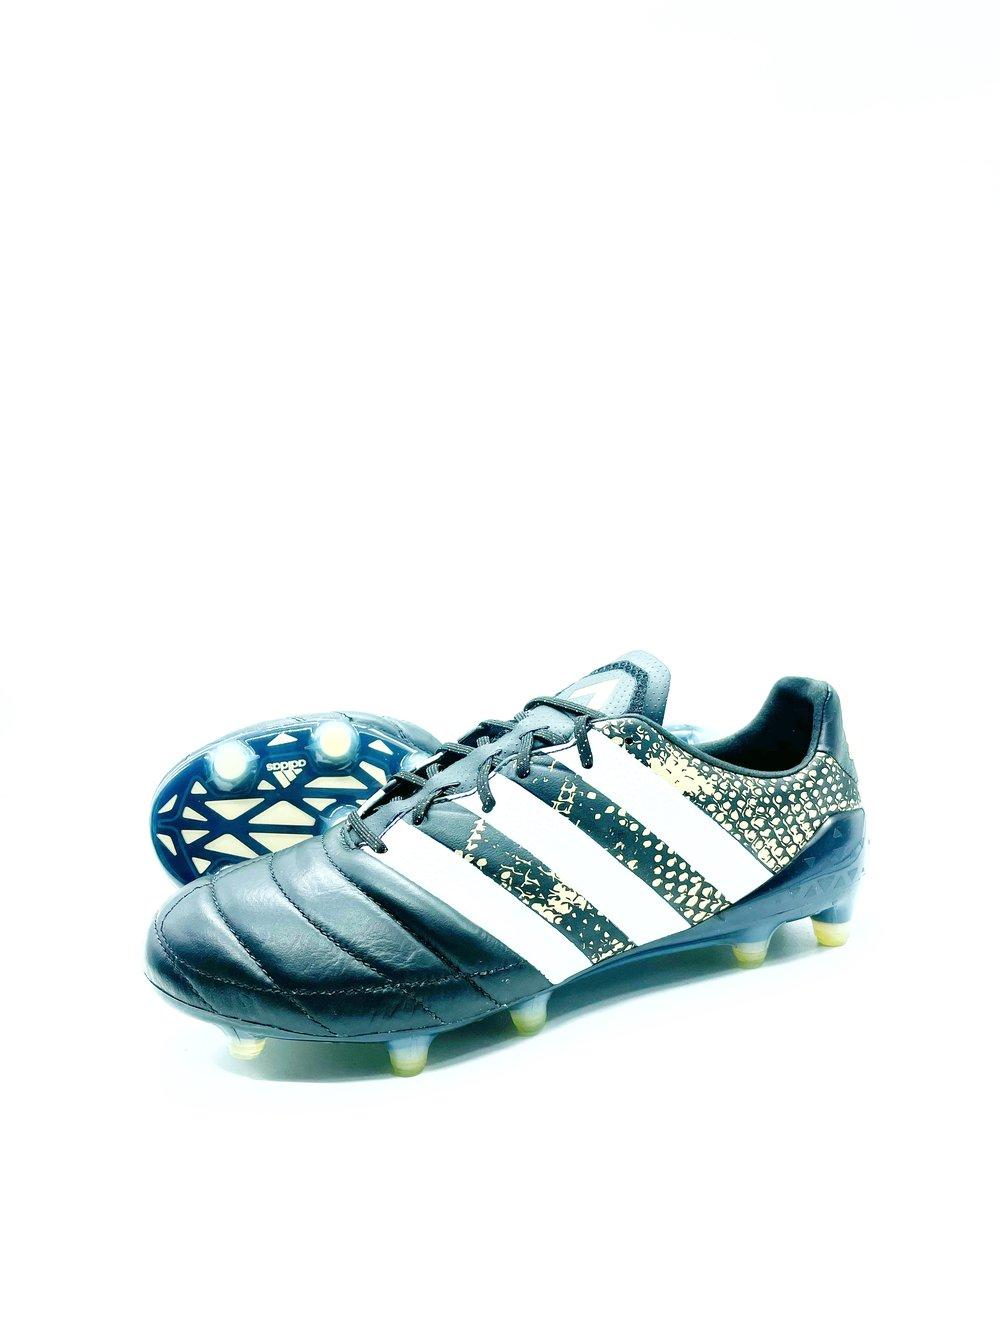 Image of Adidas 16.1 ACE black gold FG